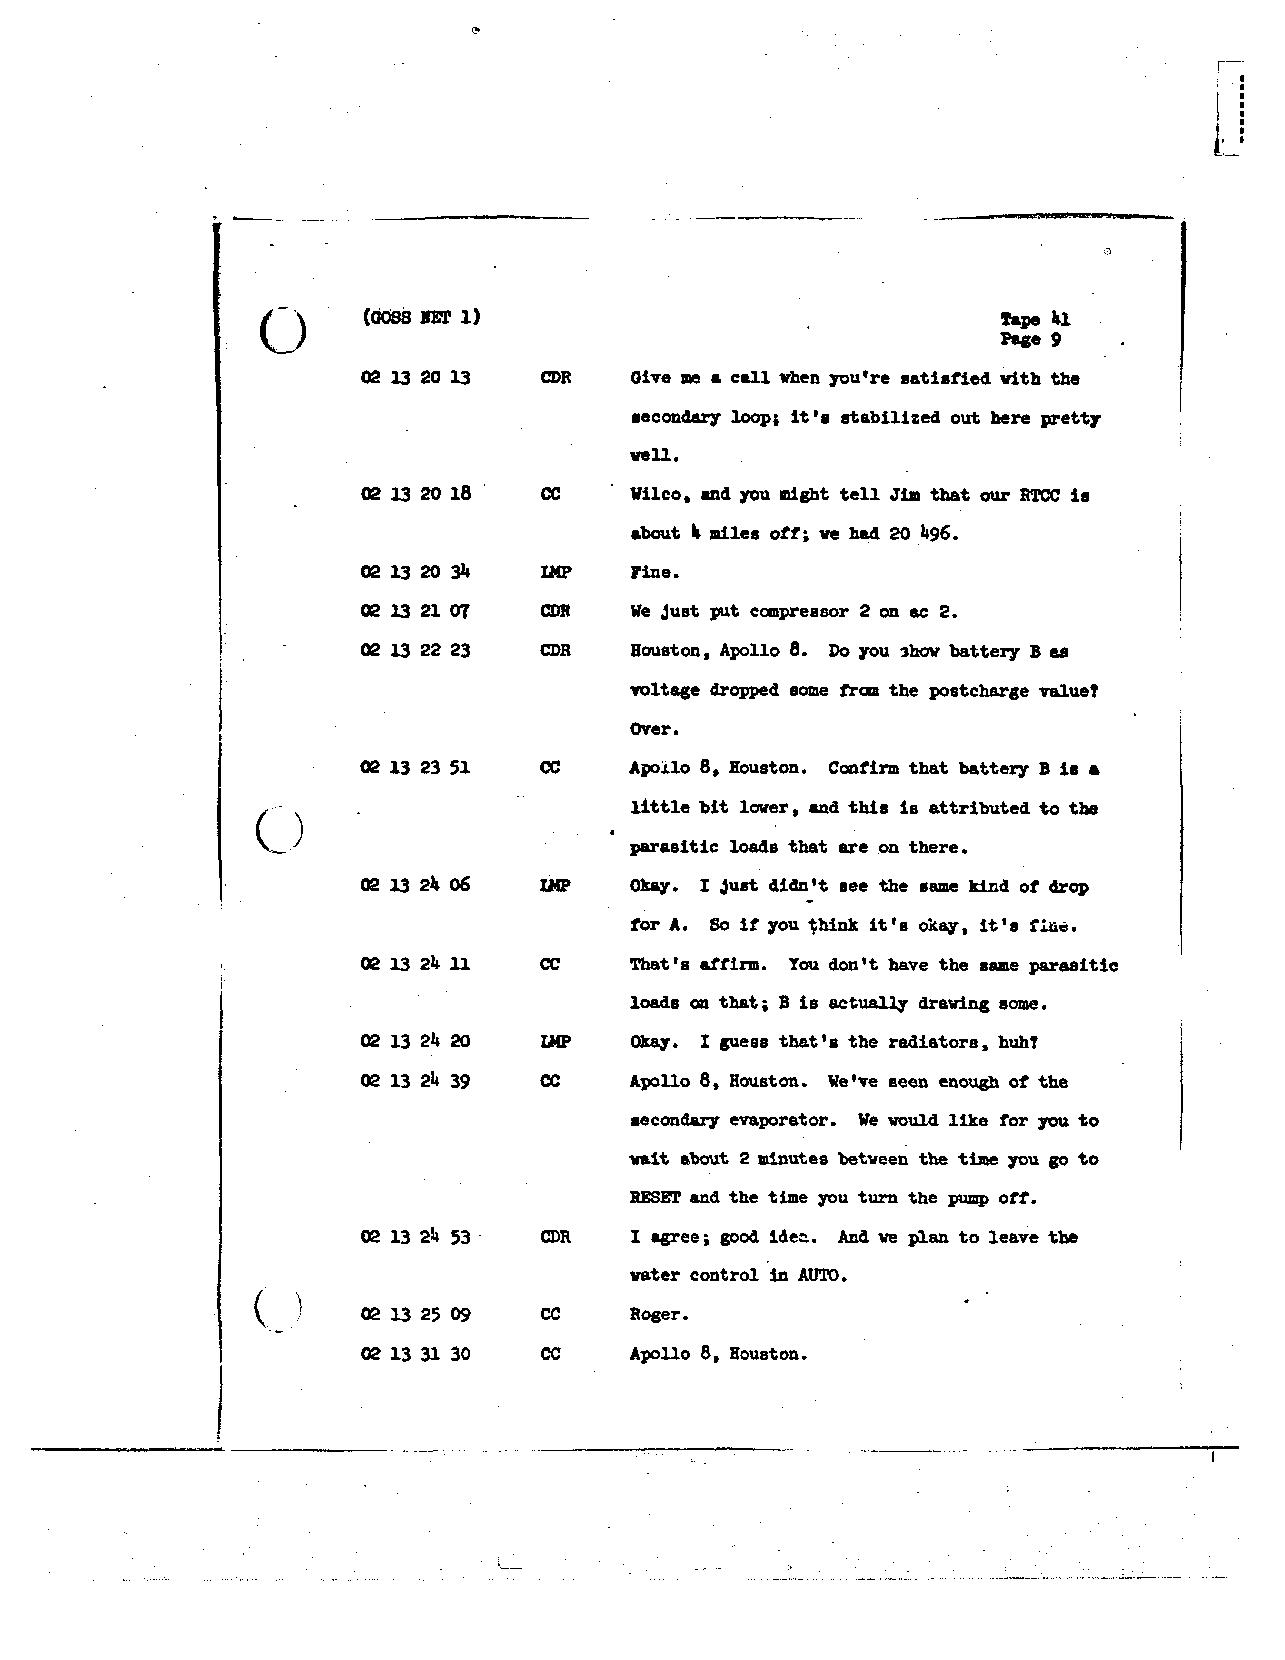 Page 320 of Apollo 8's original transcript